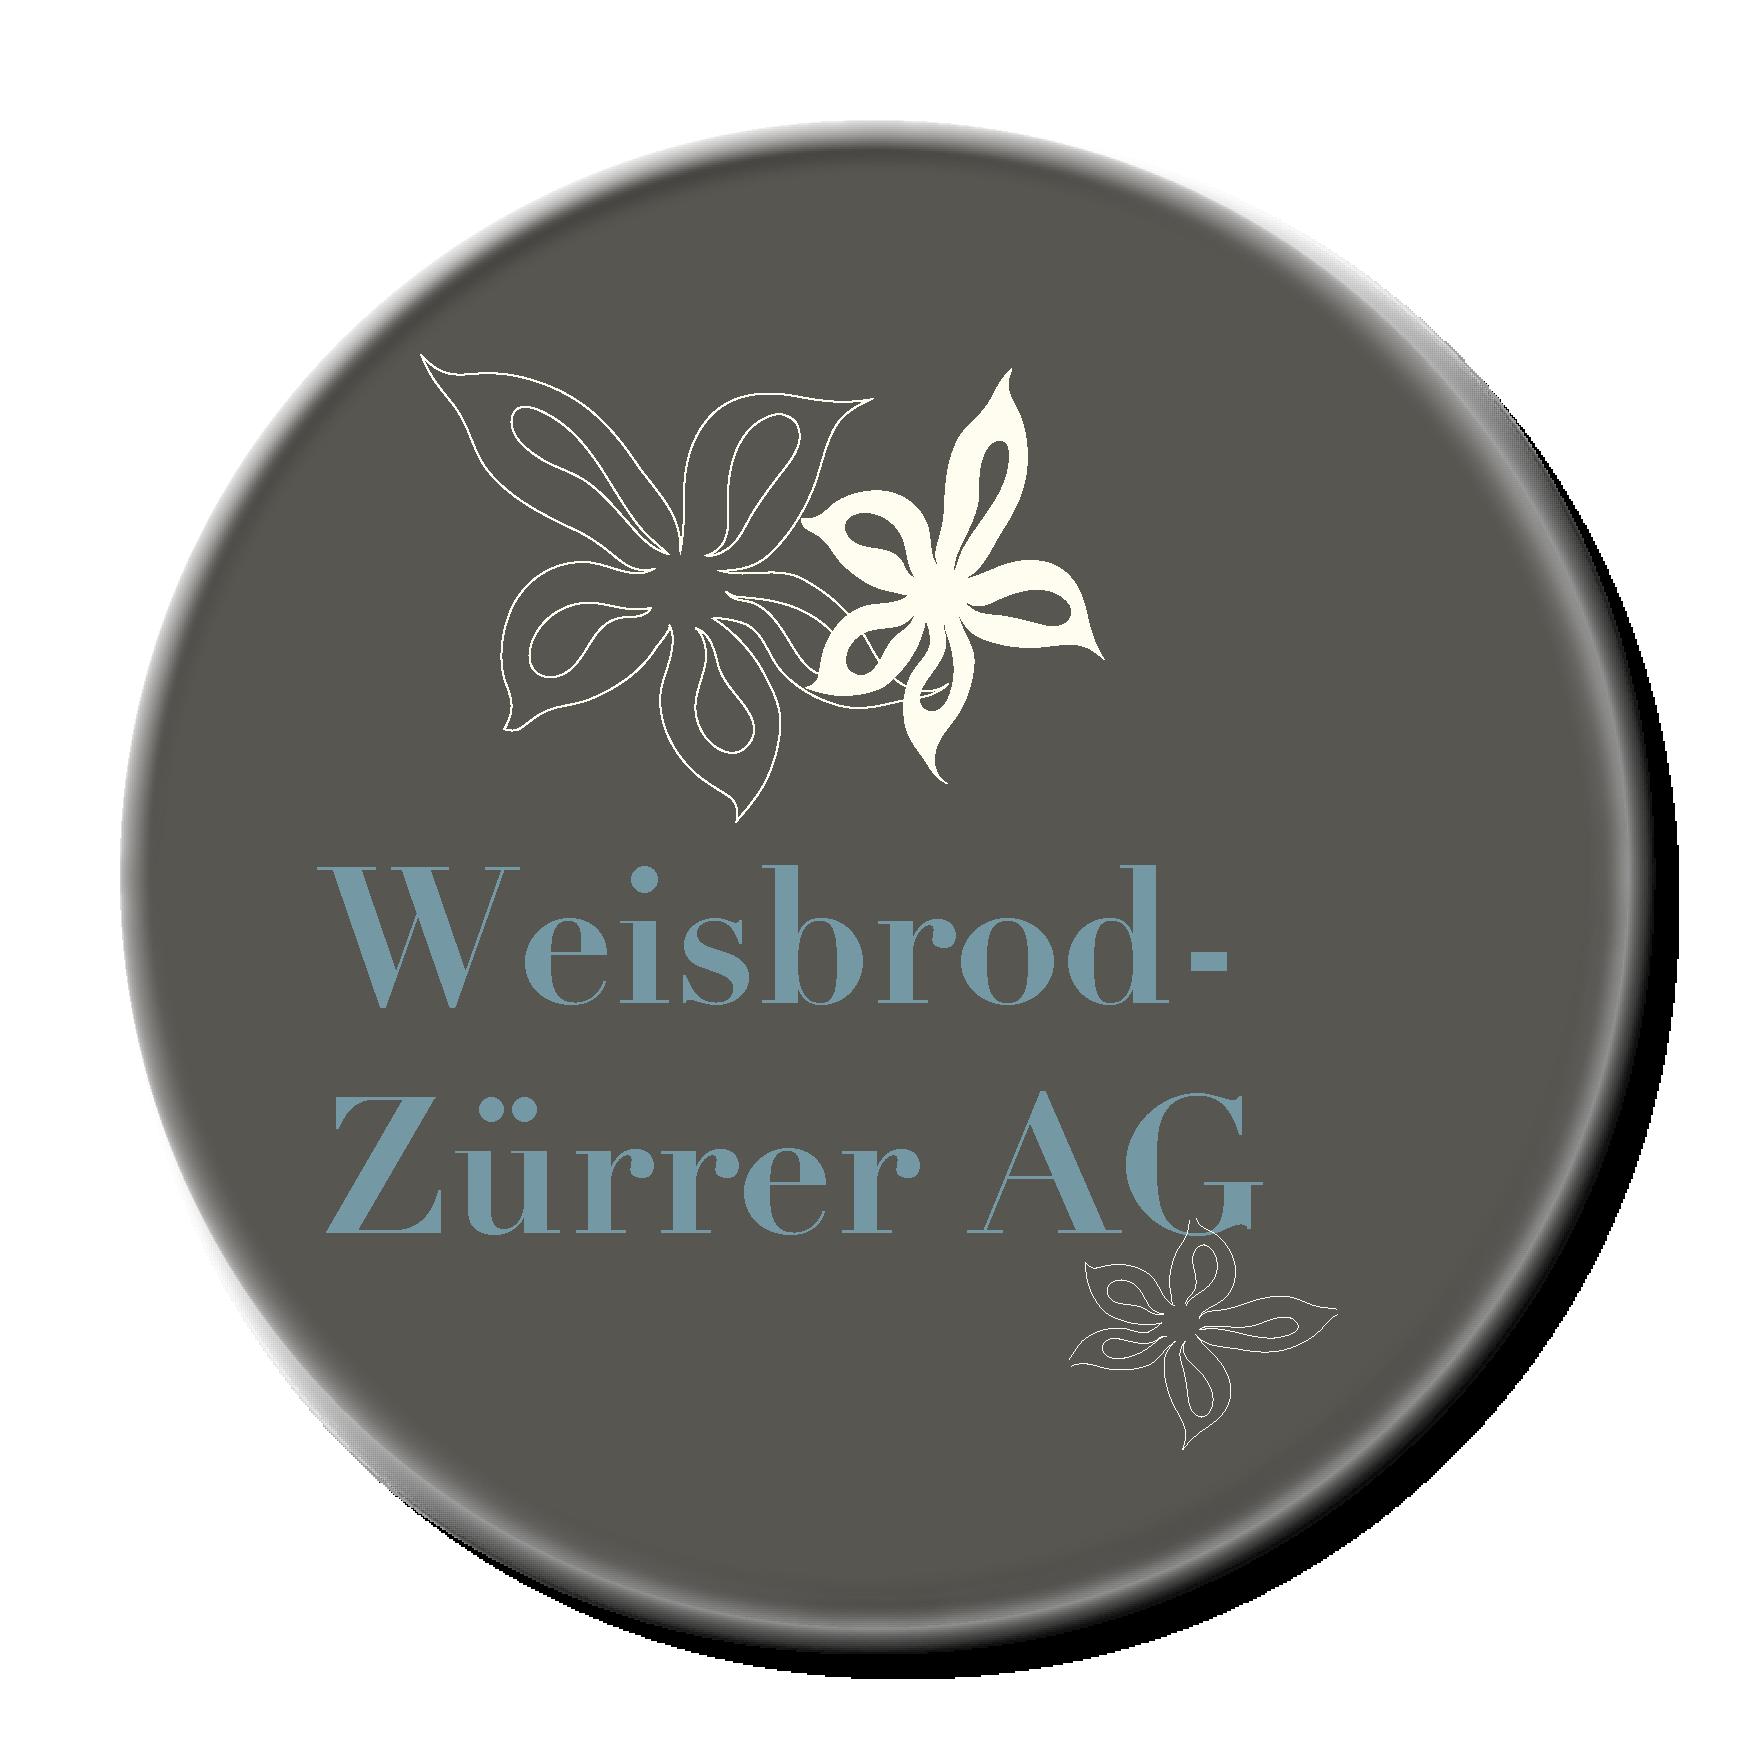 Weisbrod-Zürrer AG Stoffe